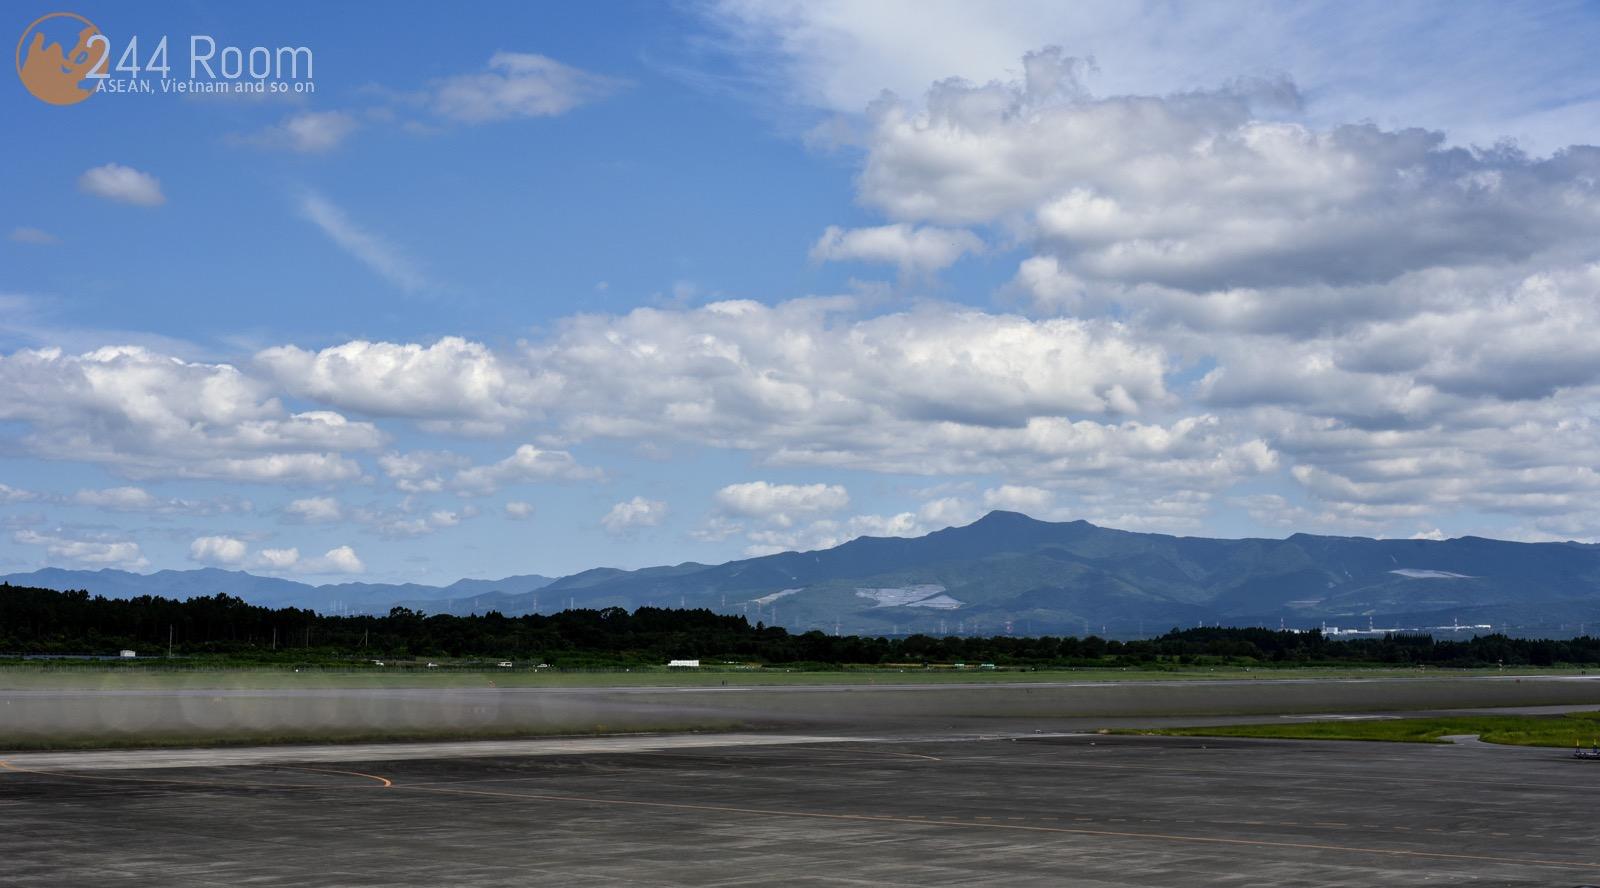 Aso kumamoto airport 阿蘇くまもと空港2